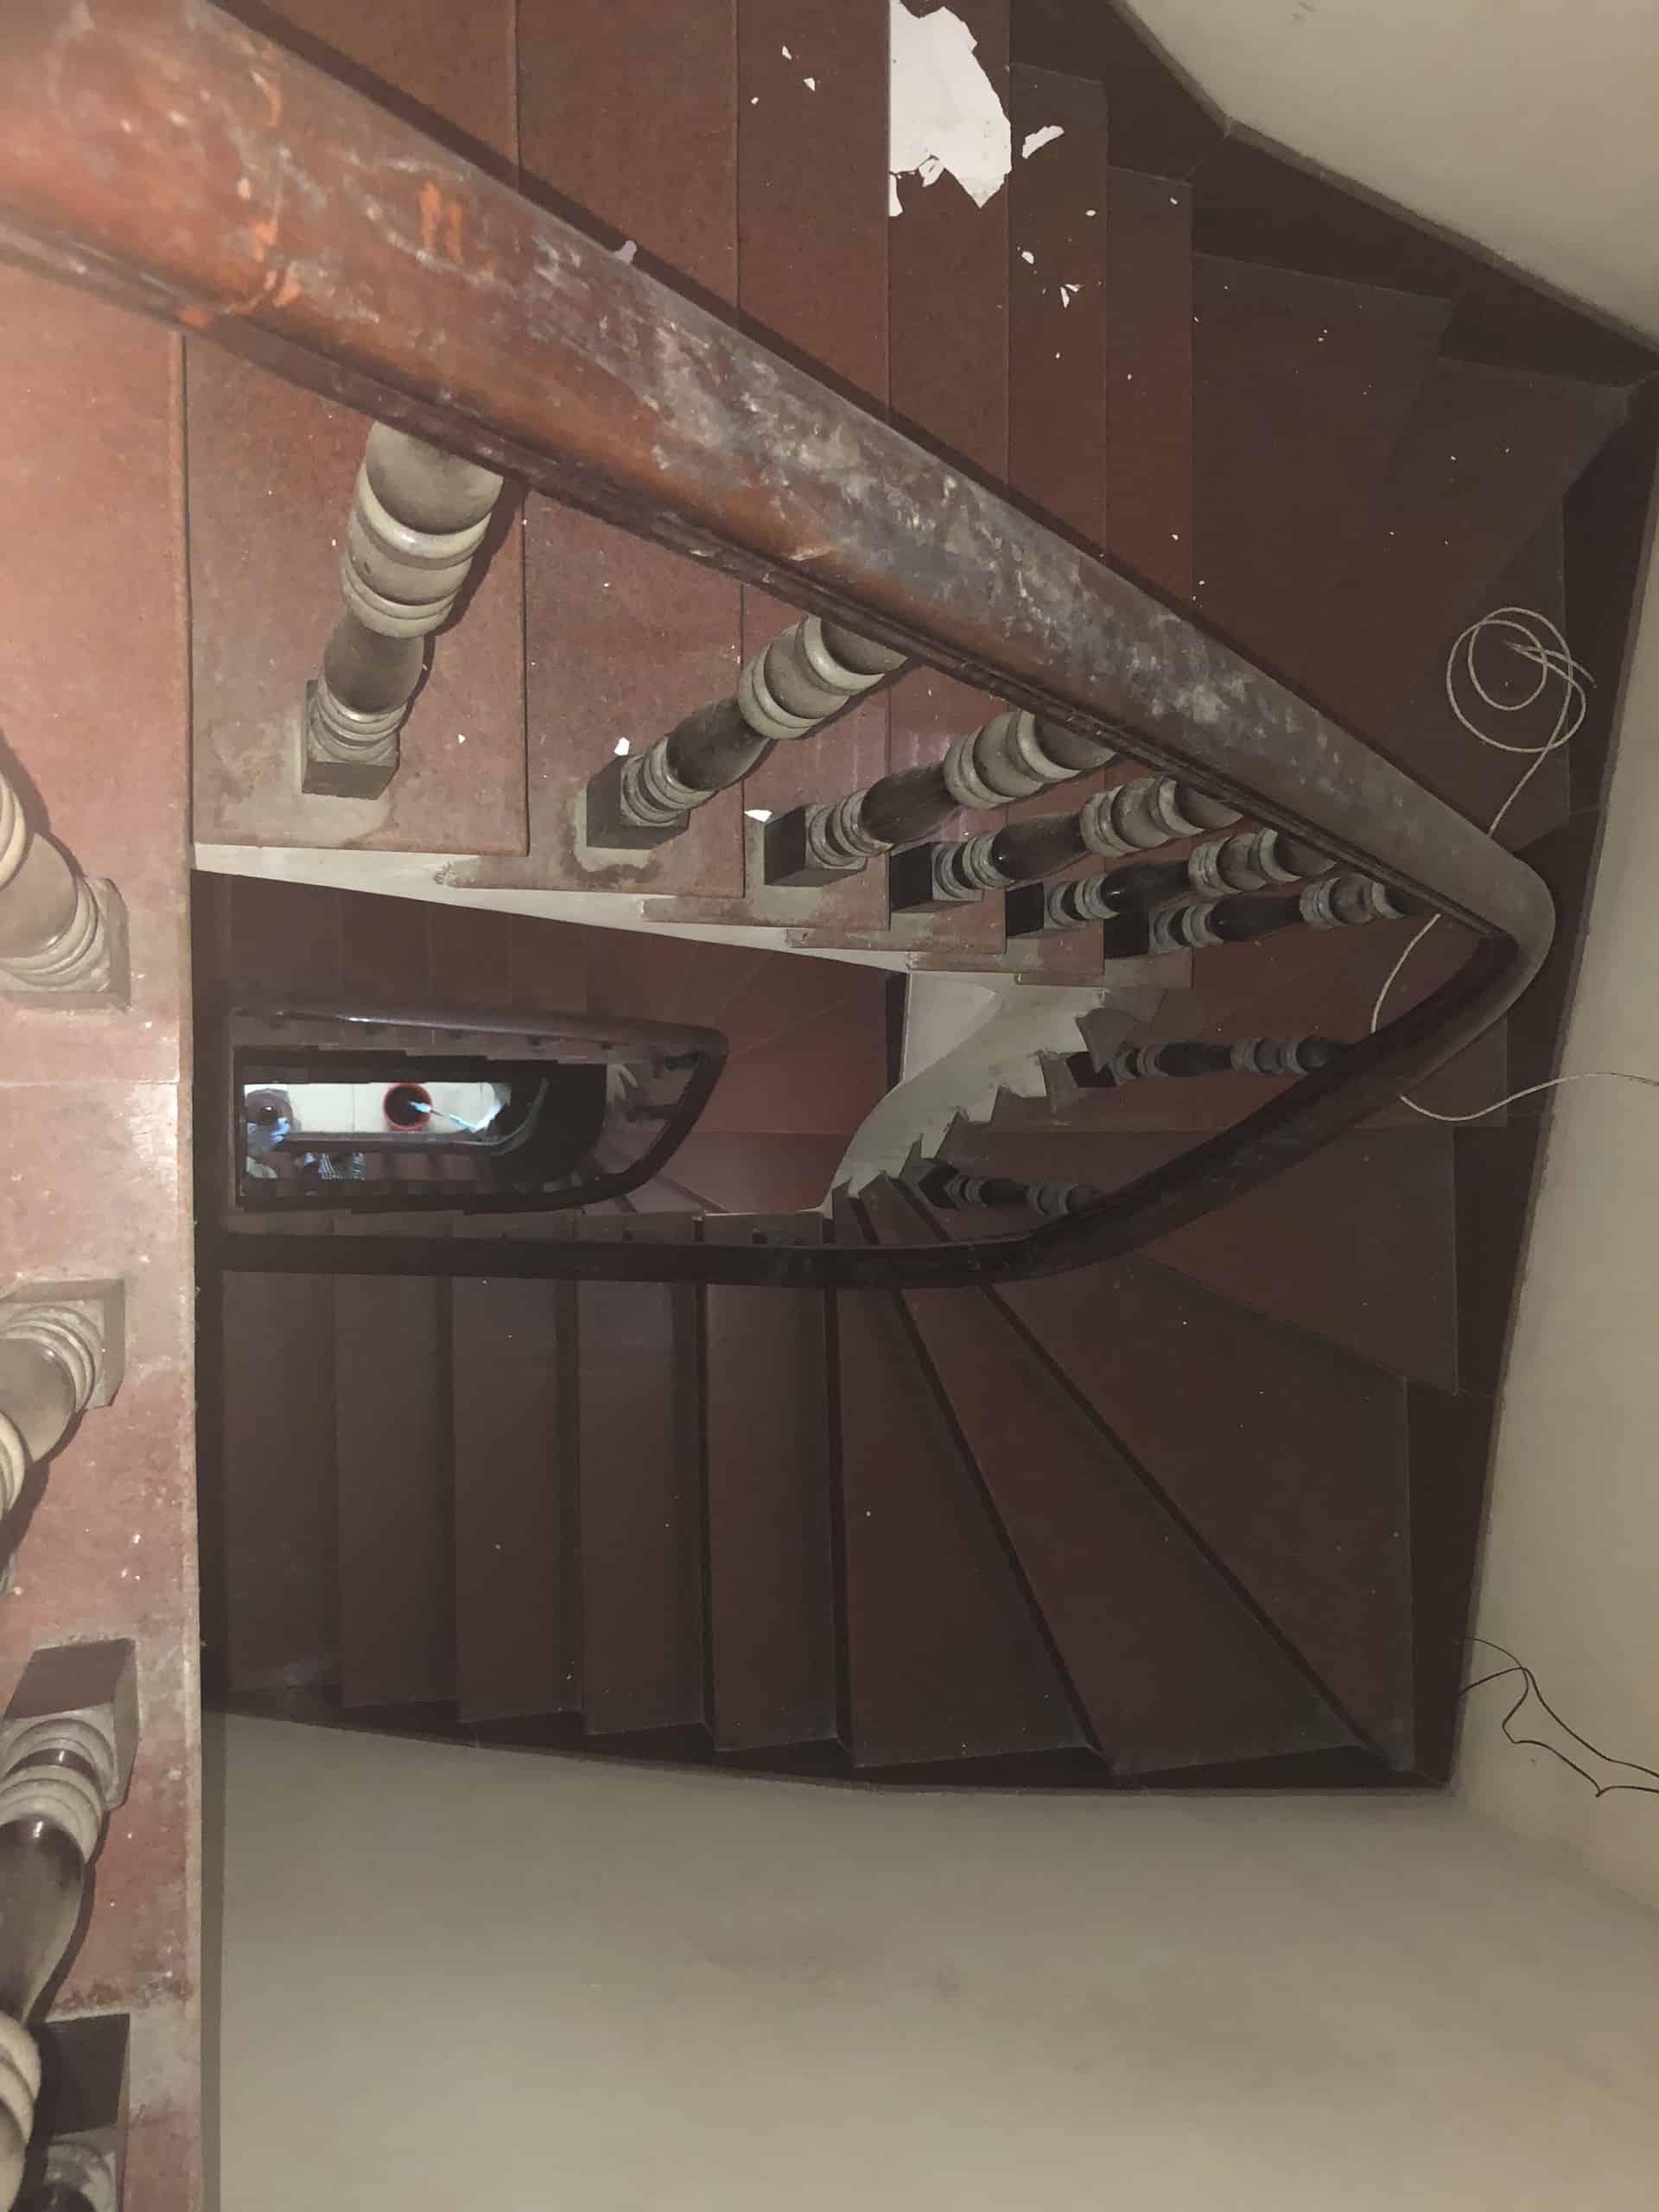 Đo vẽ hiện trạng, cải tạo căn hộ cho thuê Airbnb đường Mai Thị Lựu trước khi cải tạo 8